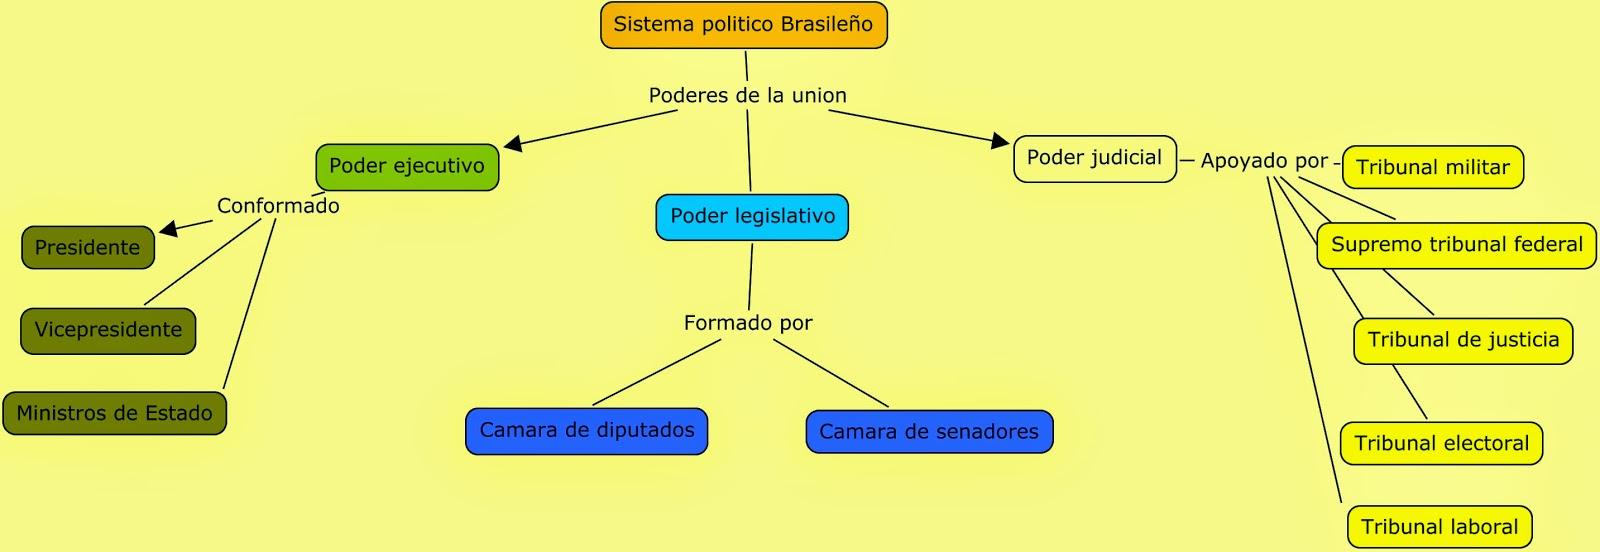 U De G Virtual Sistemas Politicos Y Socieconomicos Mundiales